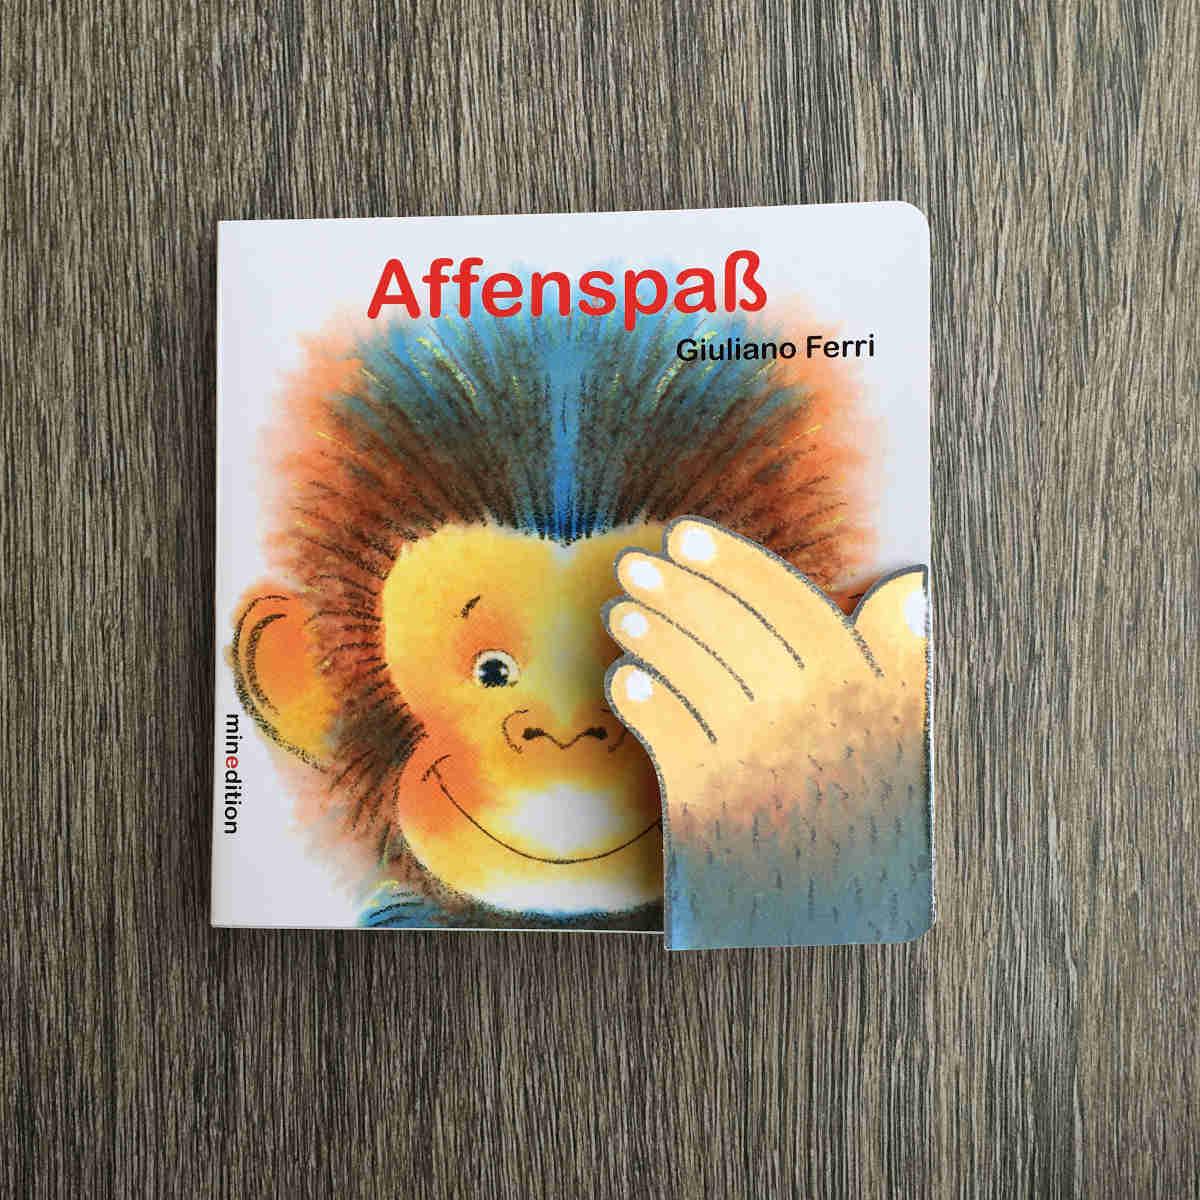 Giuliano Ferri Affenspaß Minedition Verlag Brigitte Wallingers Kinder- und Jugendbuchblog Buchtipps für Kinder und Jugendliche Kids und Teens Buchempfehlung musst du lesen